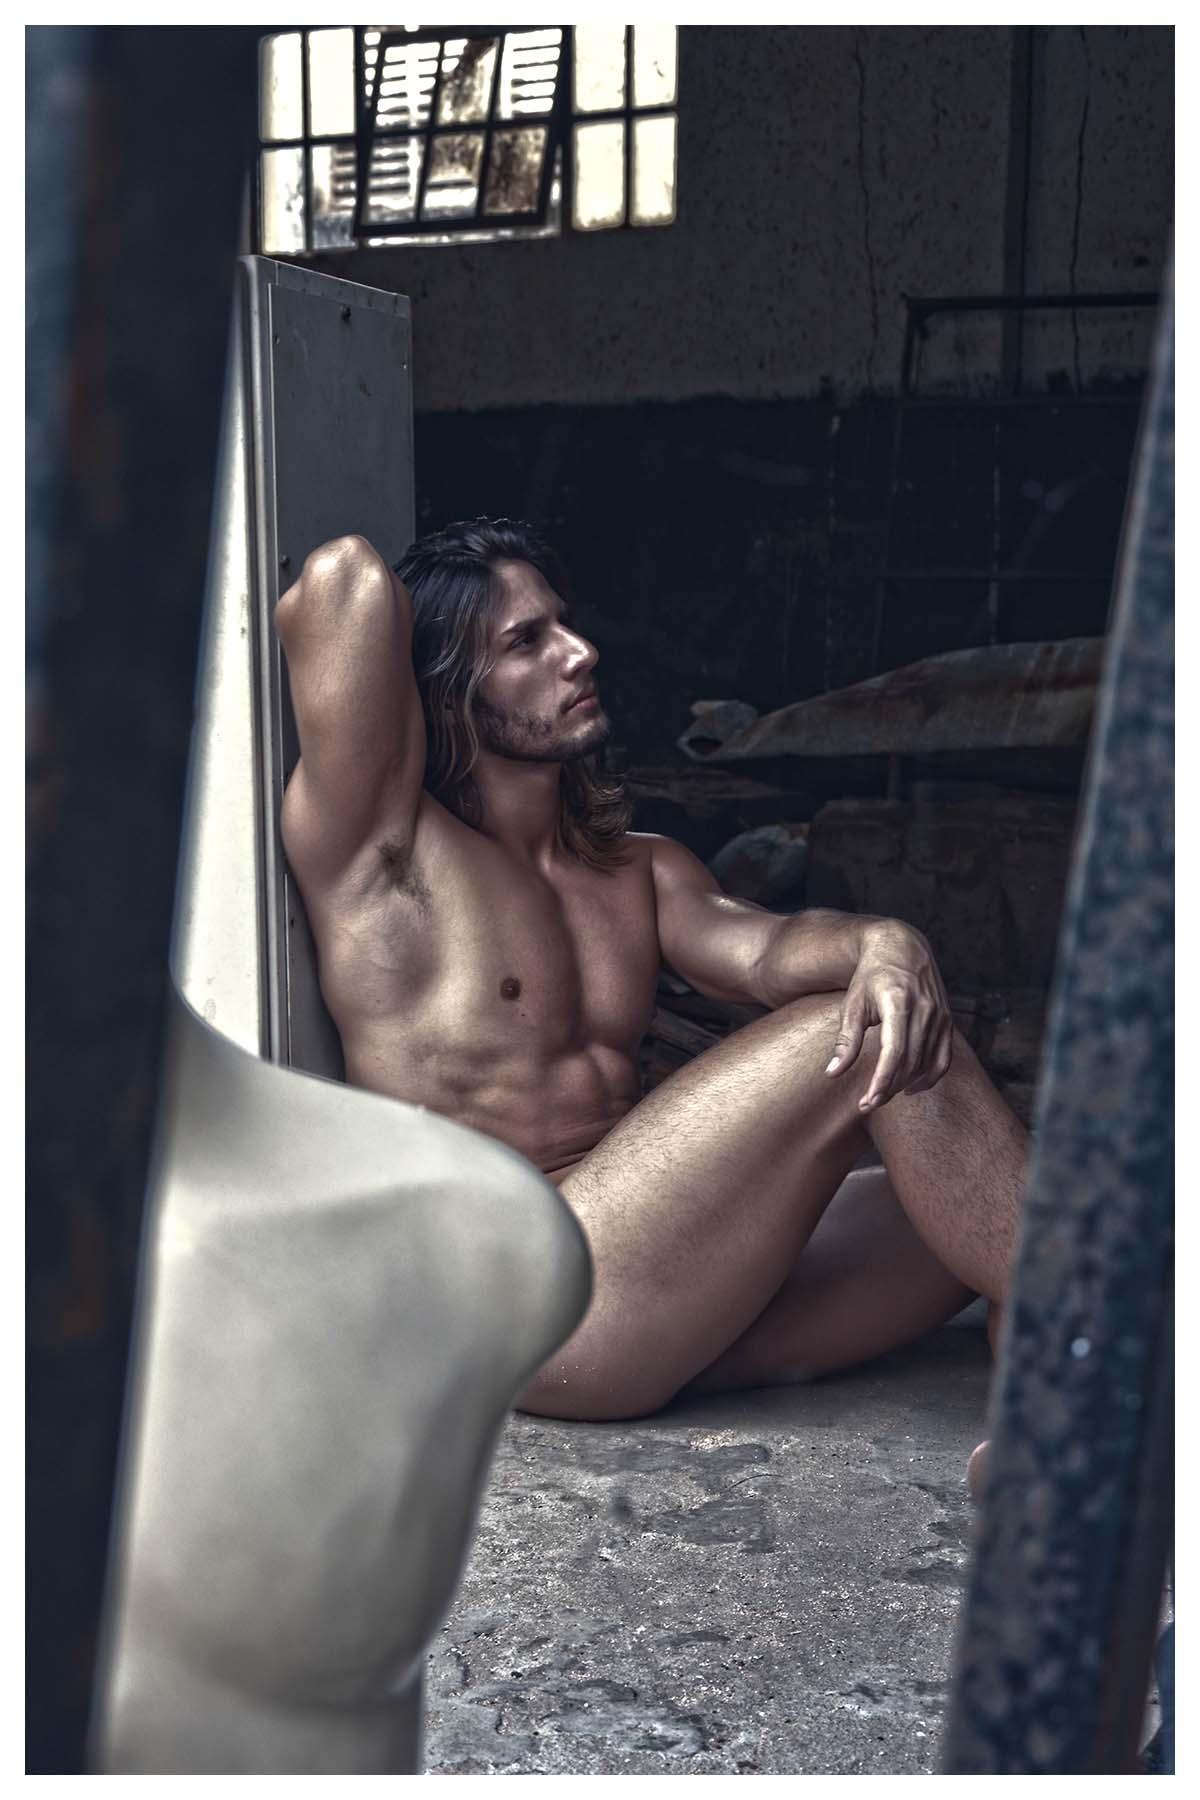 Zeca Jb by Edezio Roque for Brazilian Male Model